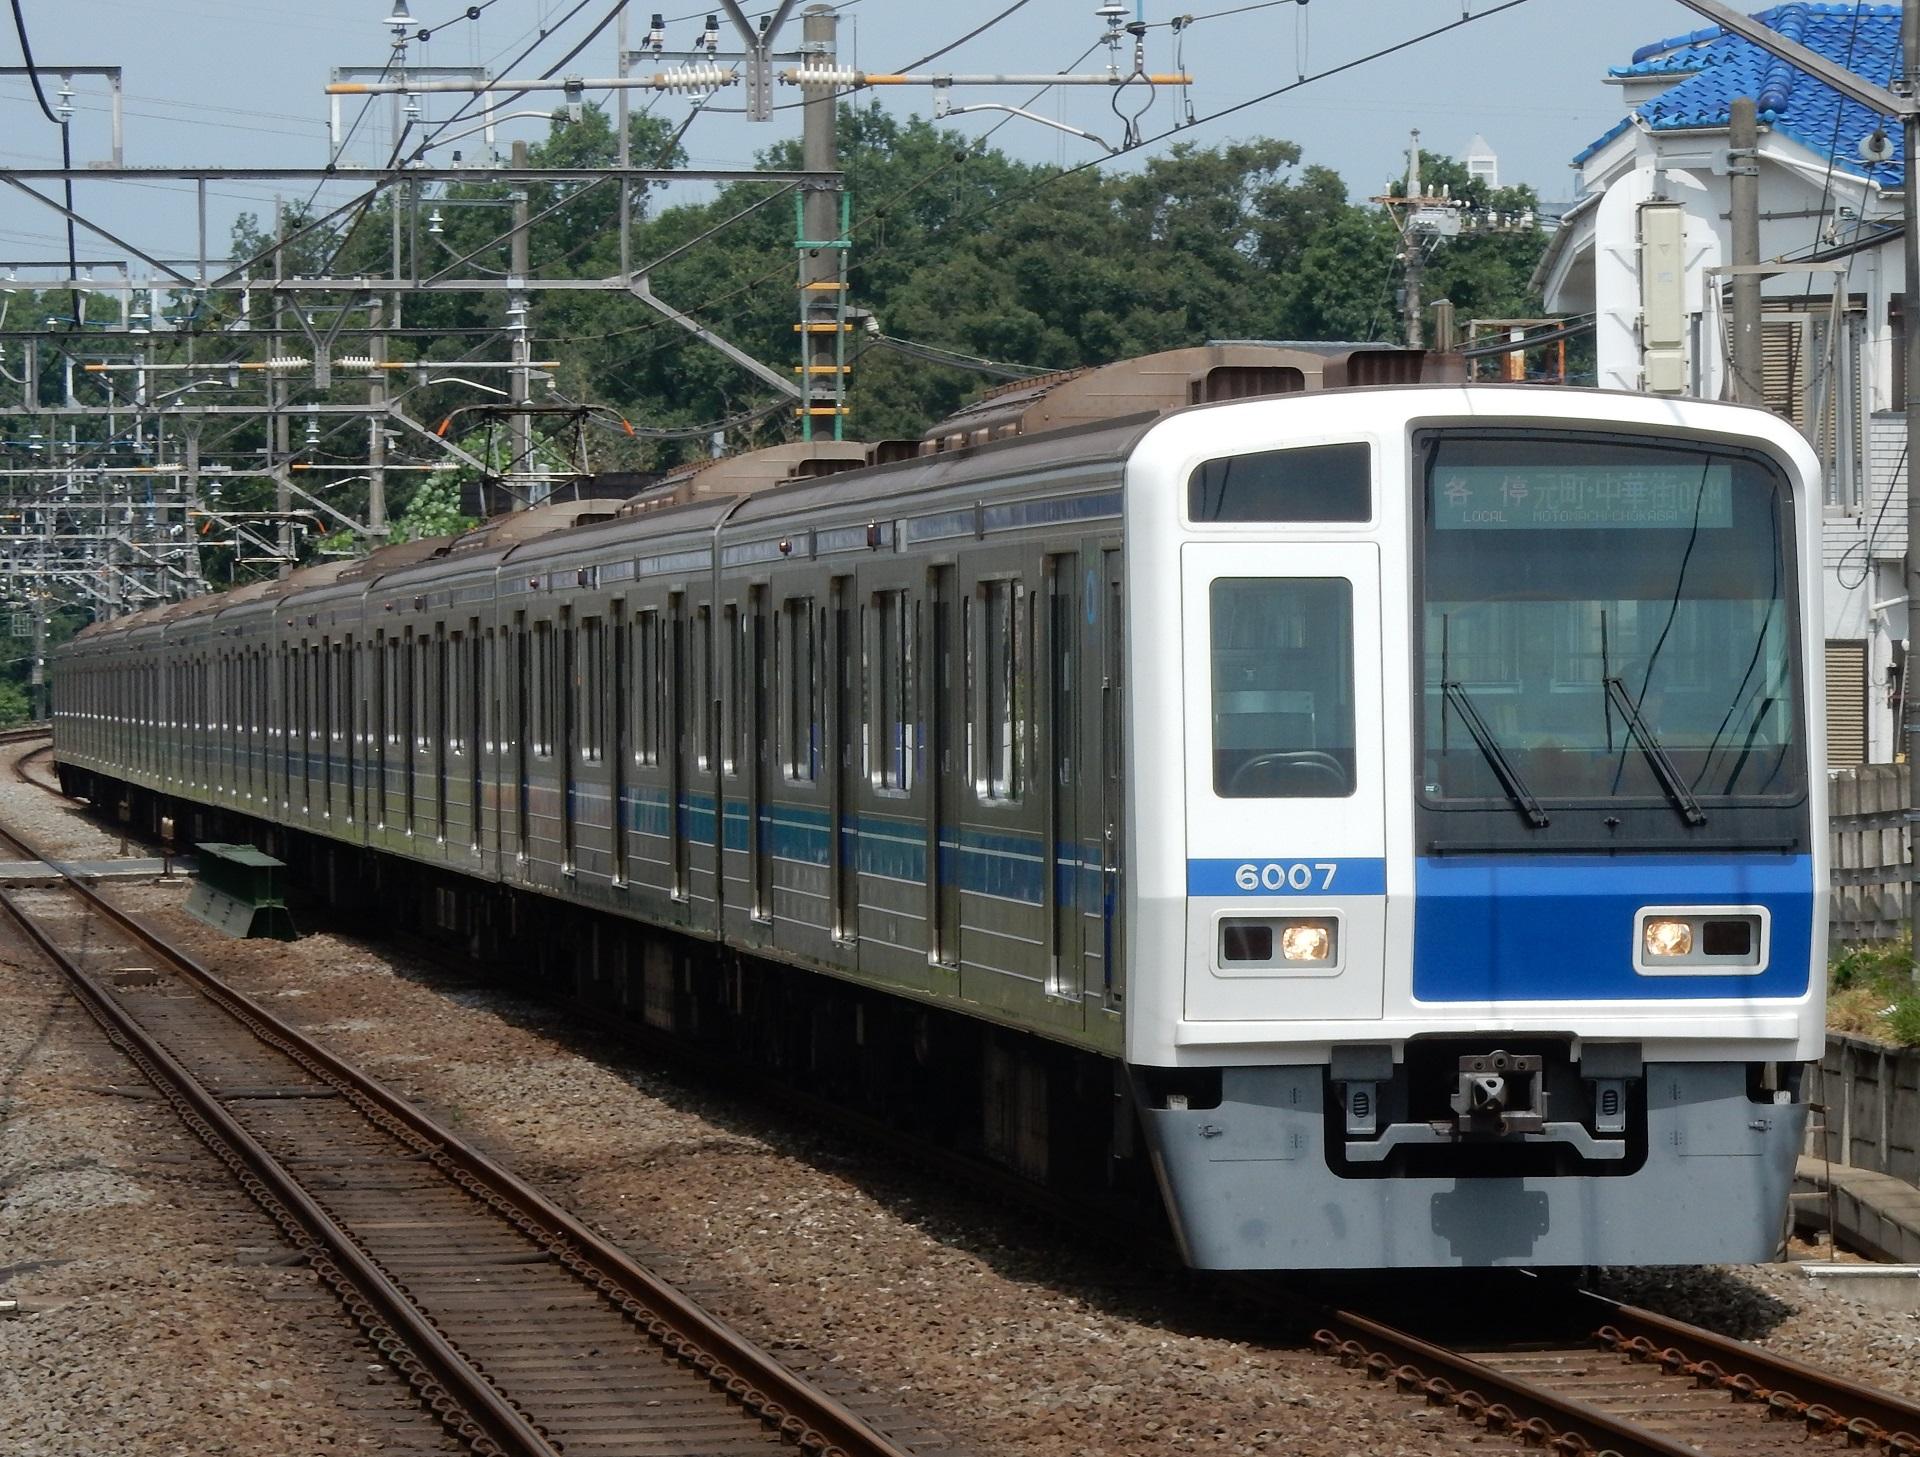 DSCN3225 - コピー